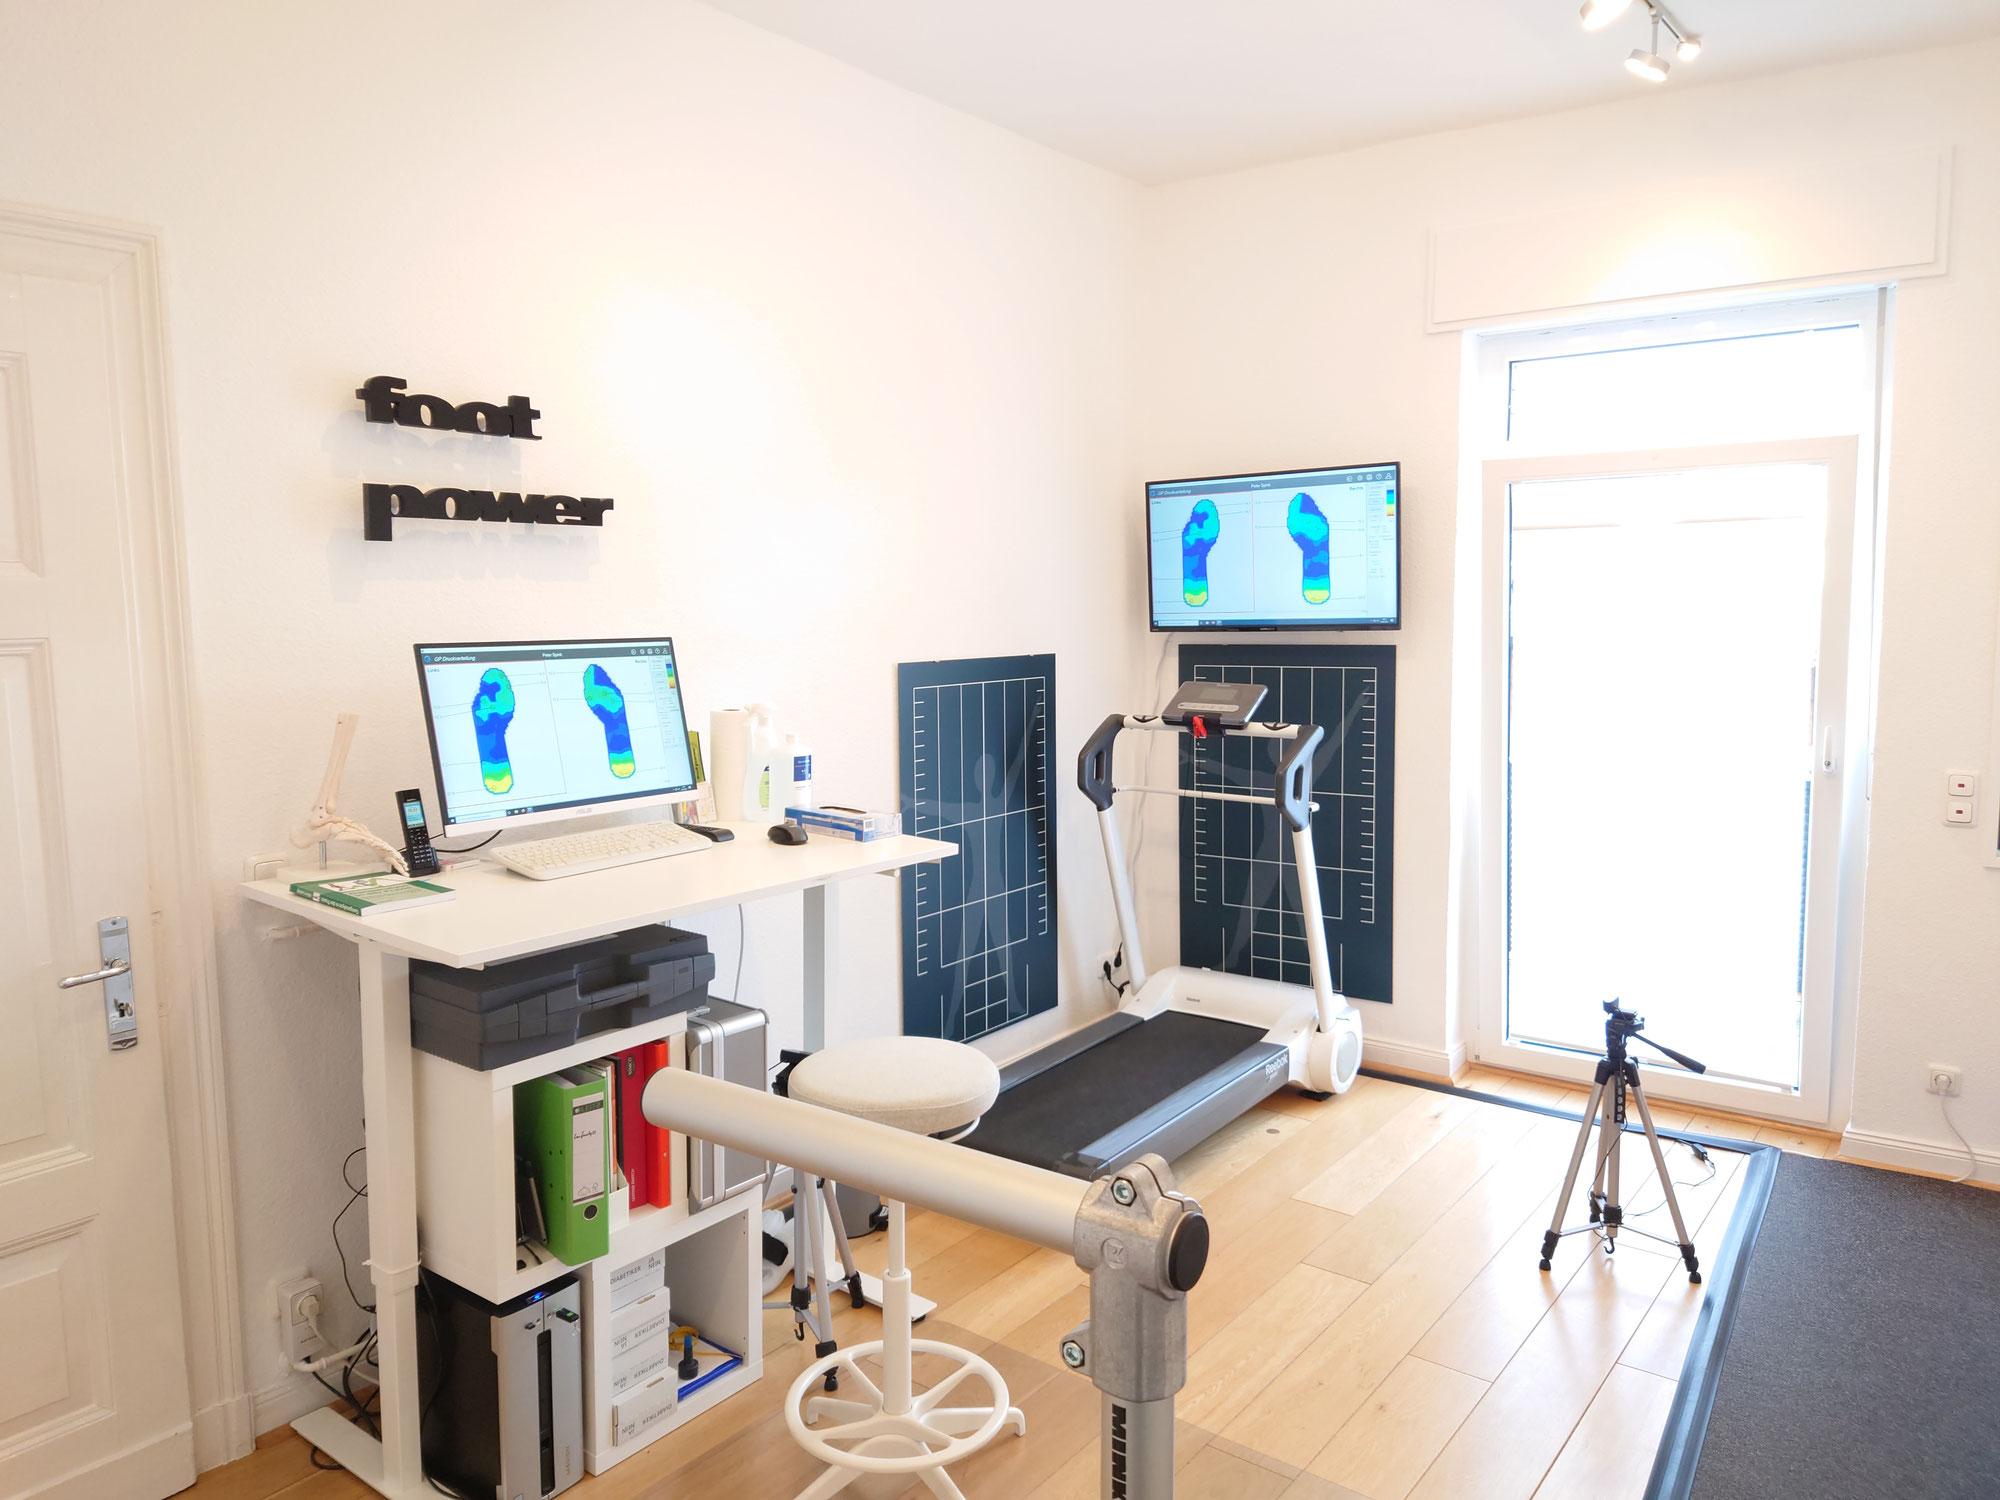 Neue Räume für die Lauf- und Bewegungsanalyse